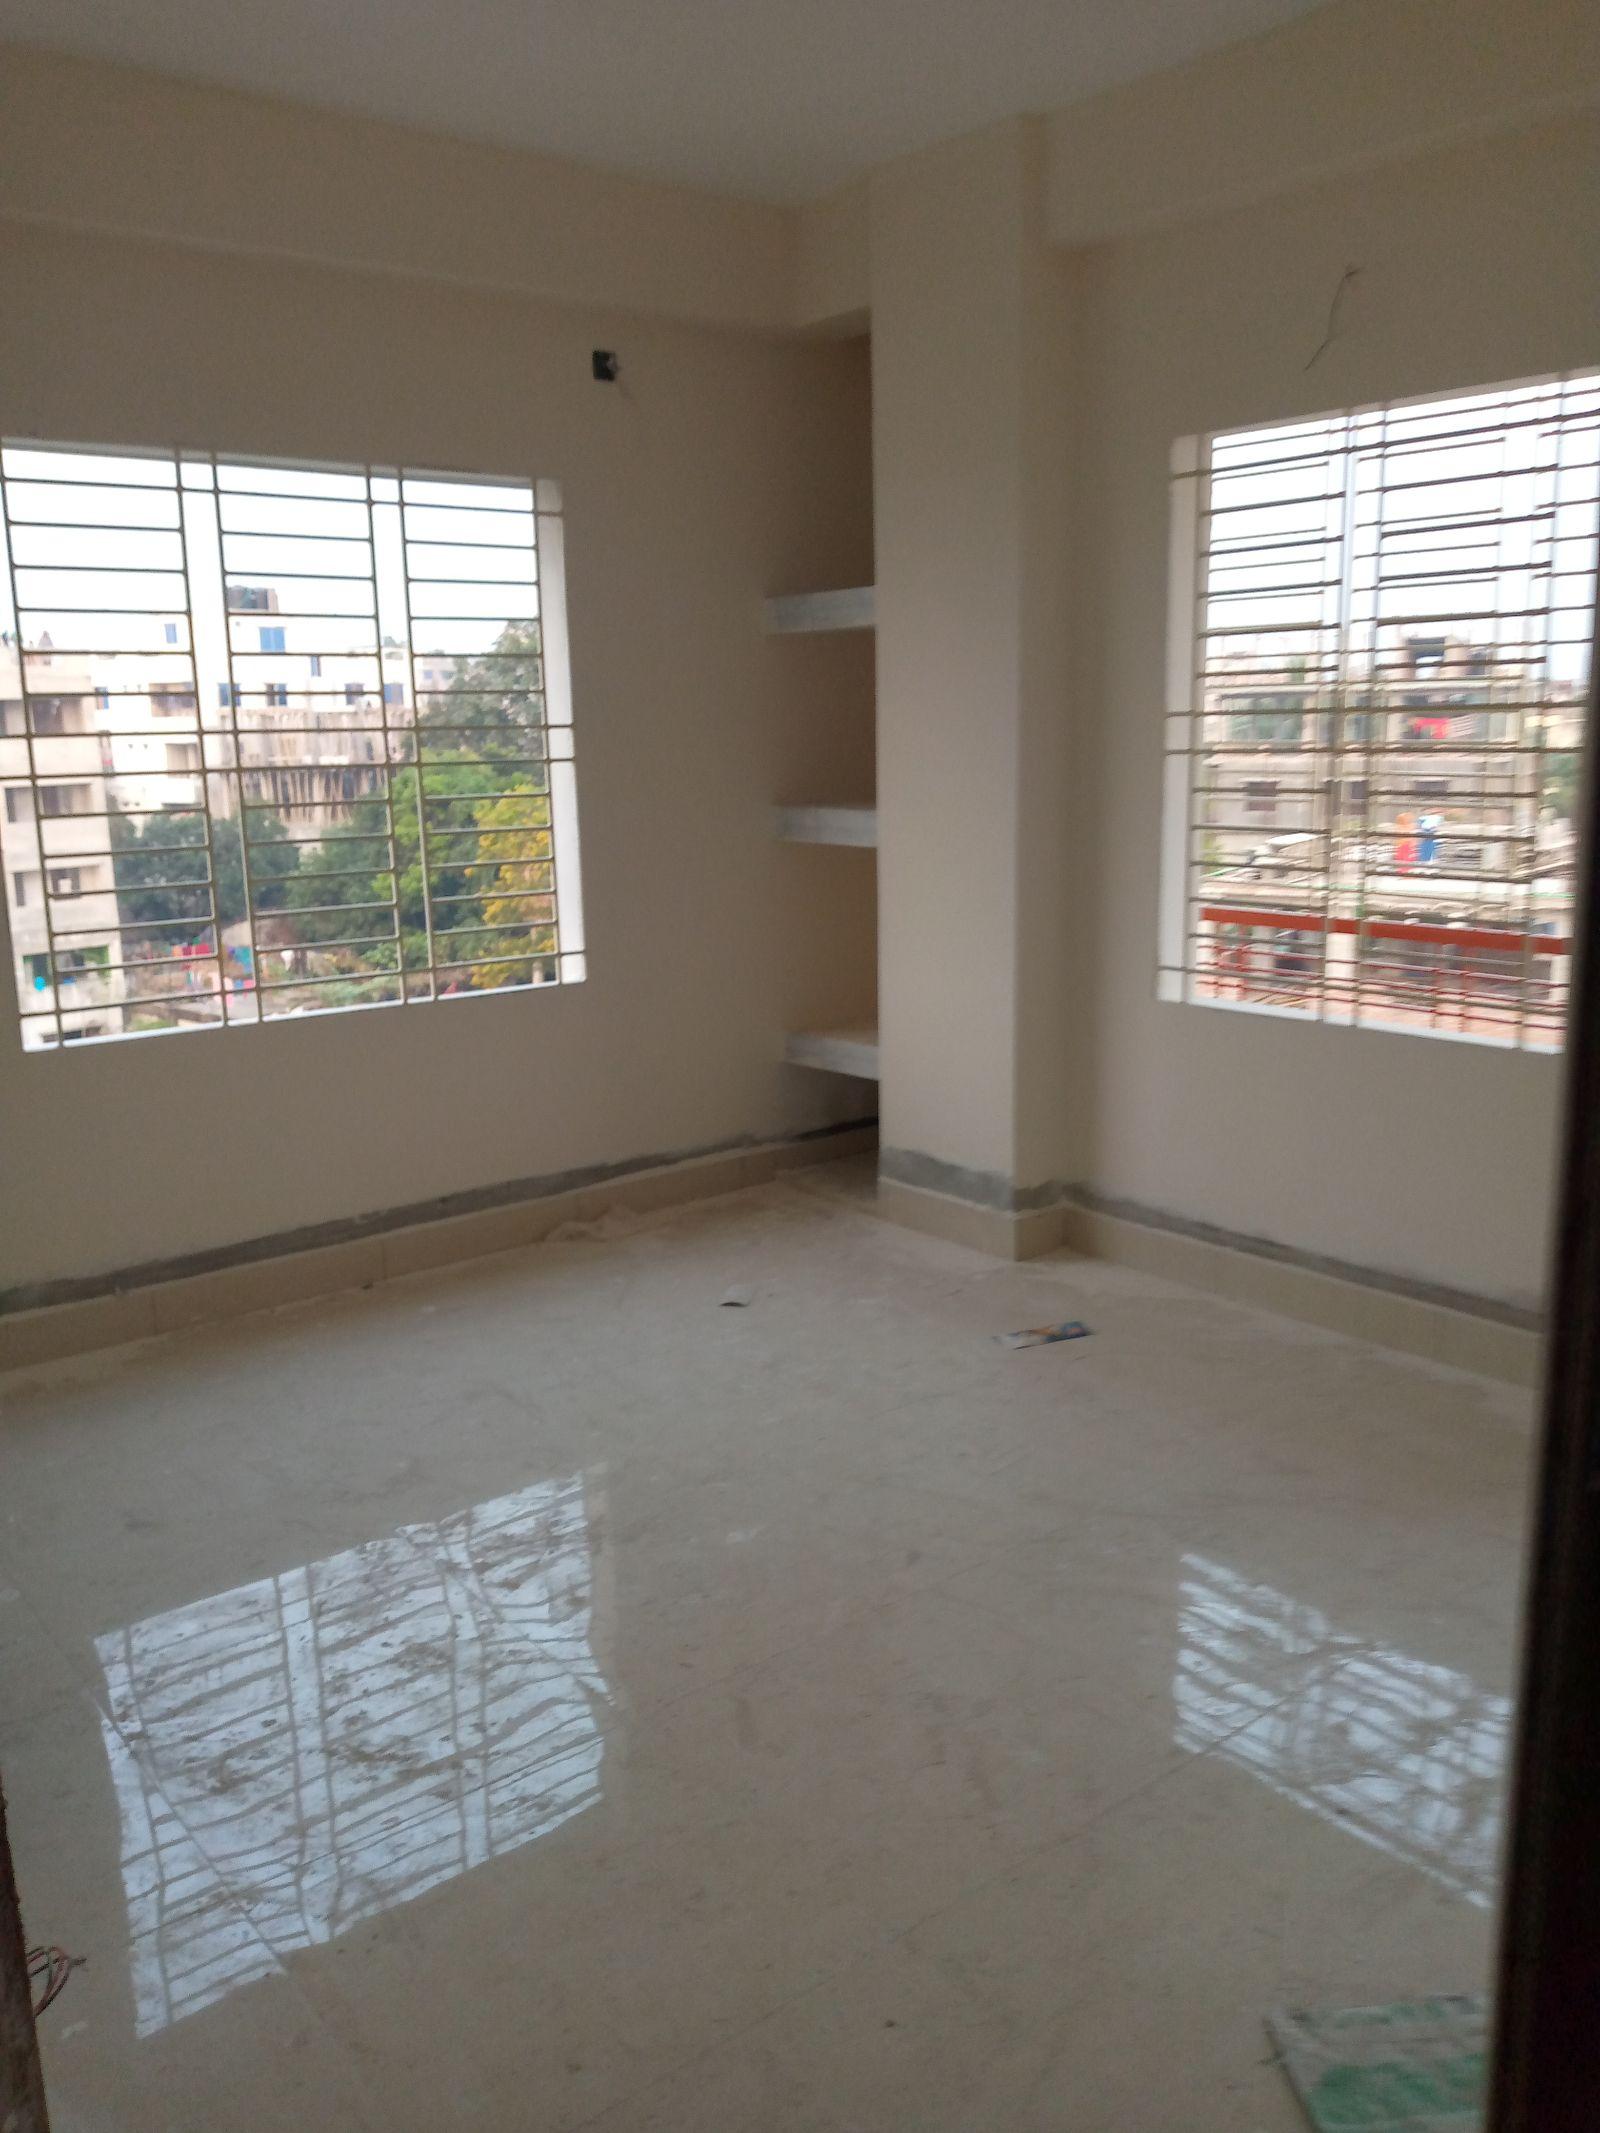 Flat rent in Dhaka Division ঢাকা, Kalibari, Monowara housing, shaka cantt